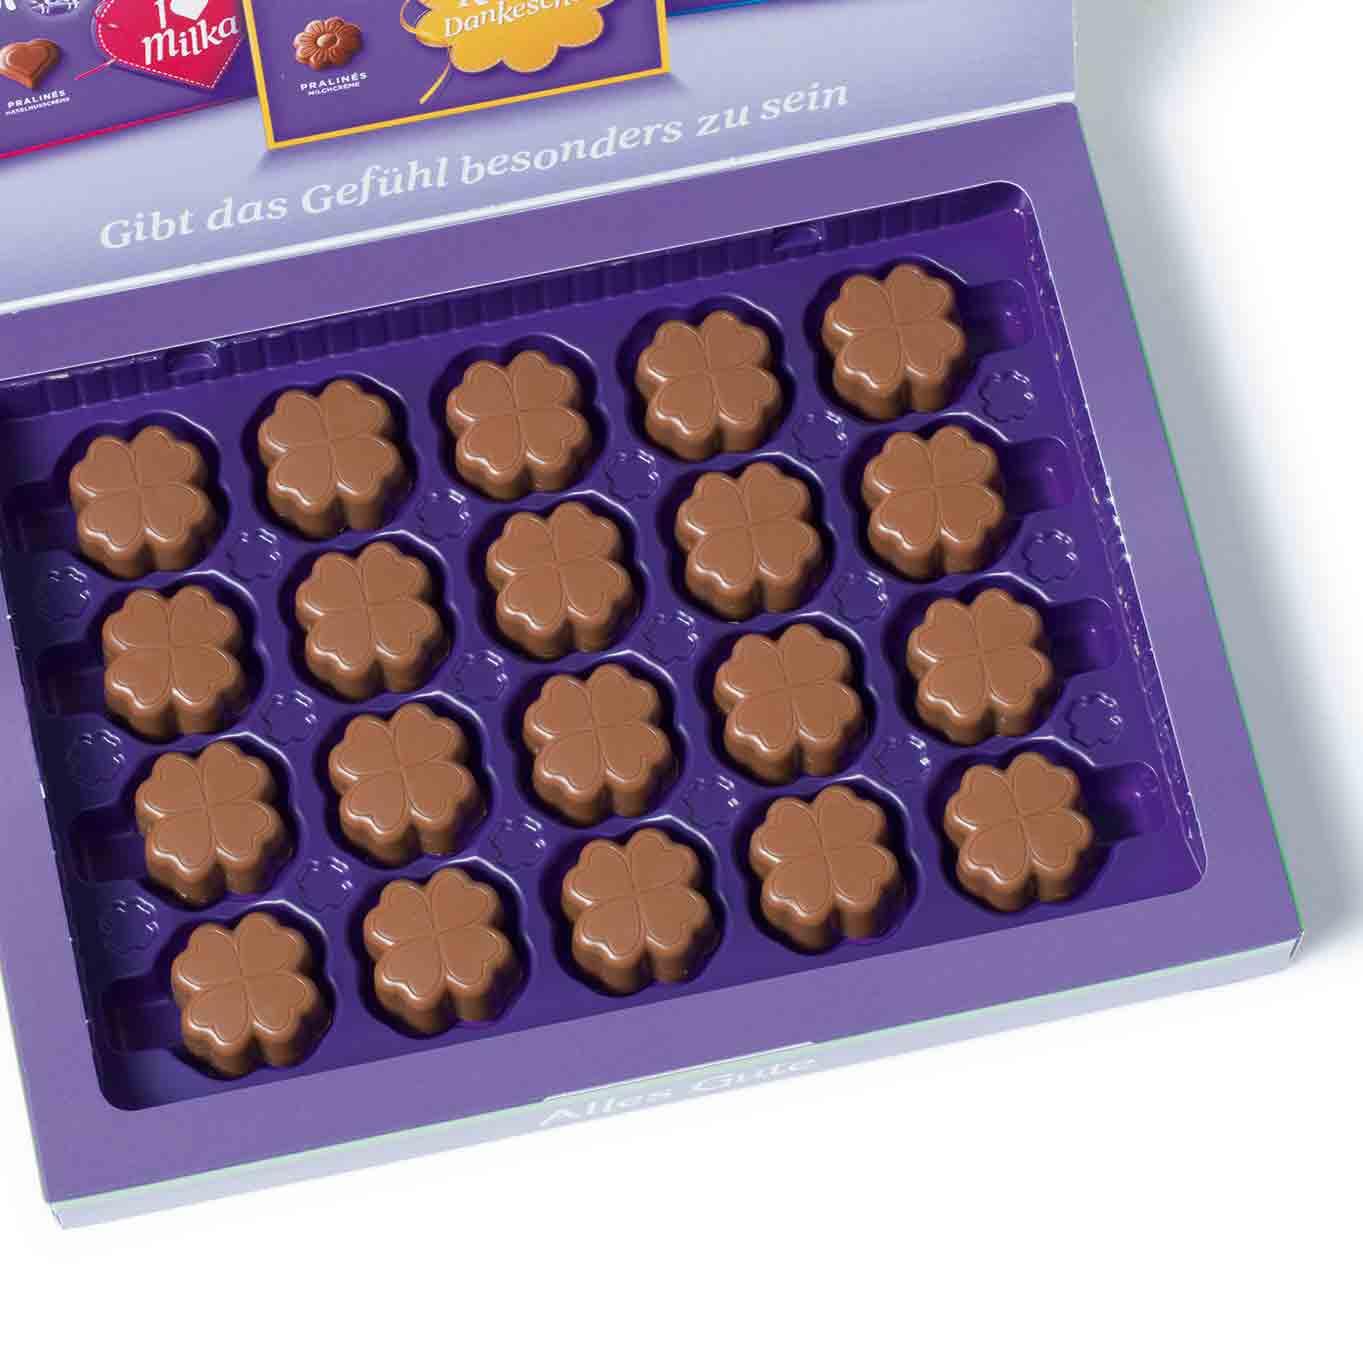 milka alles gute 110g online kaufen im world of sweets shop. Black Bedroom Furniture Sets. Home Design Ideas